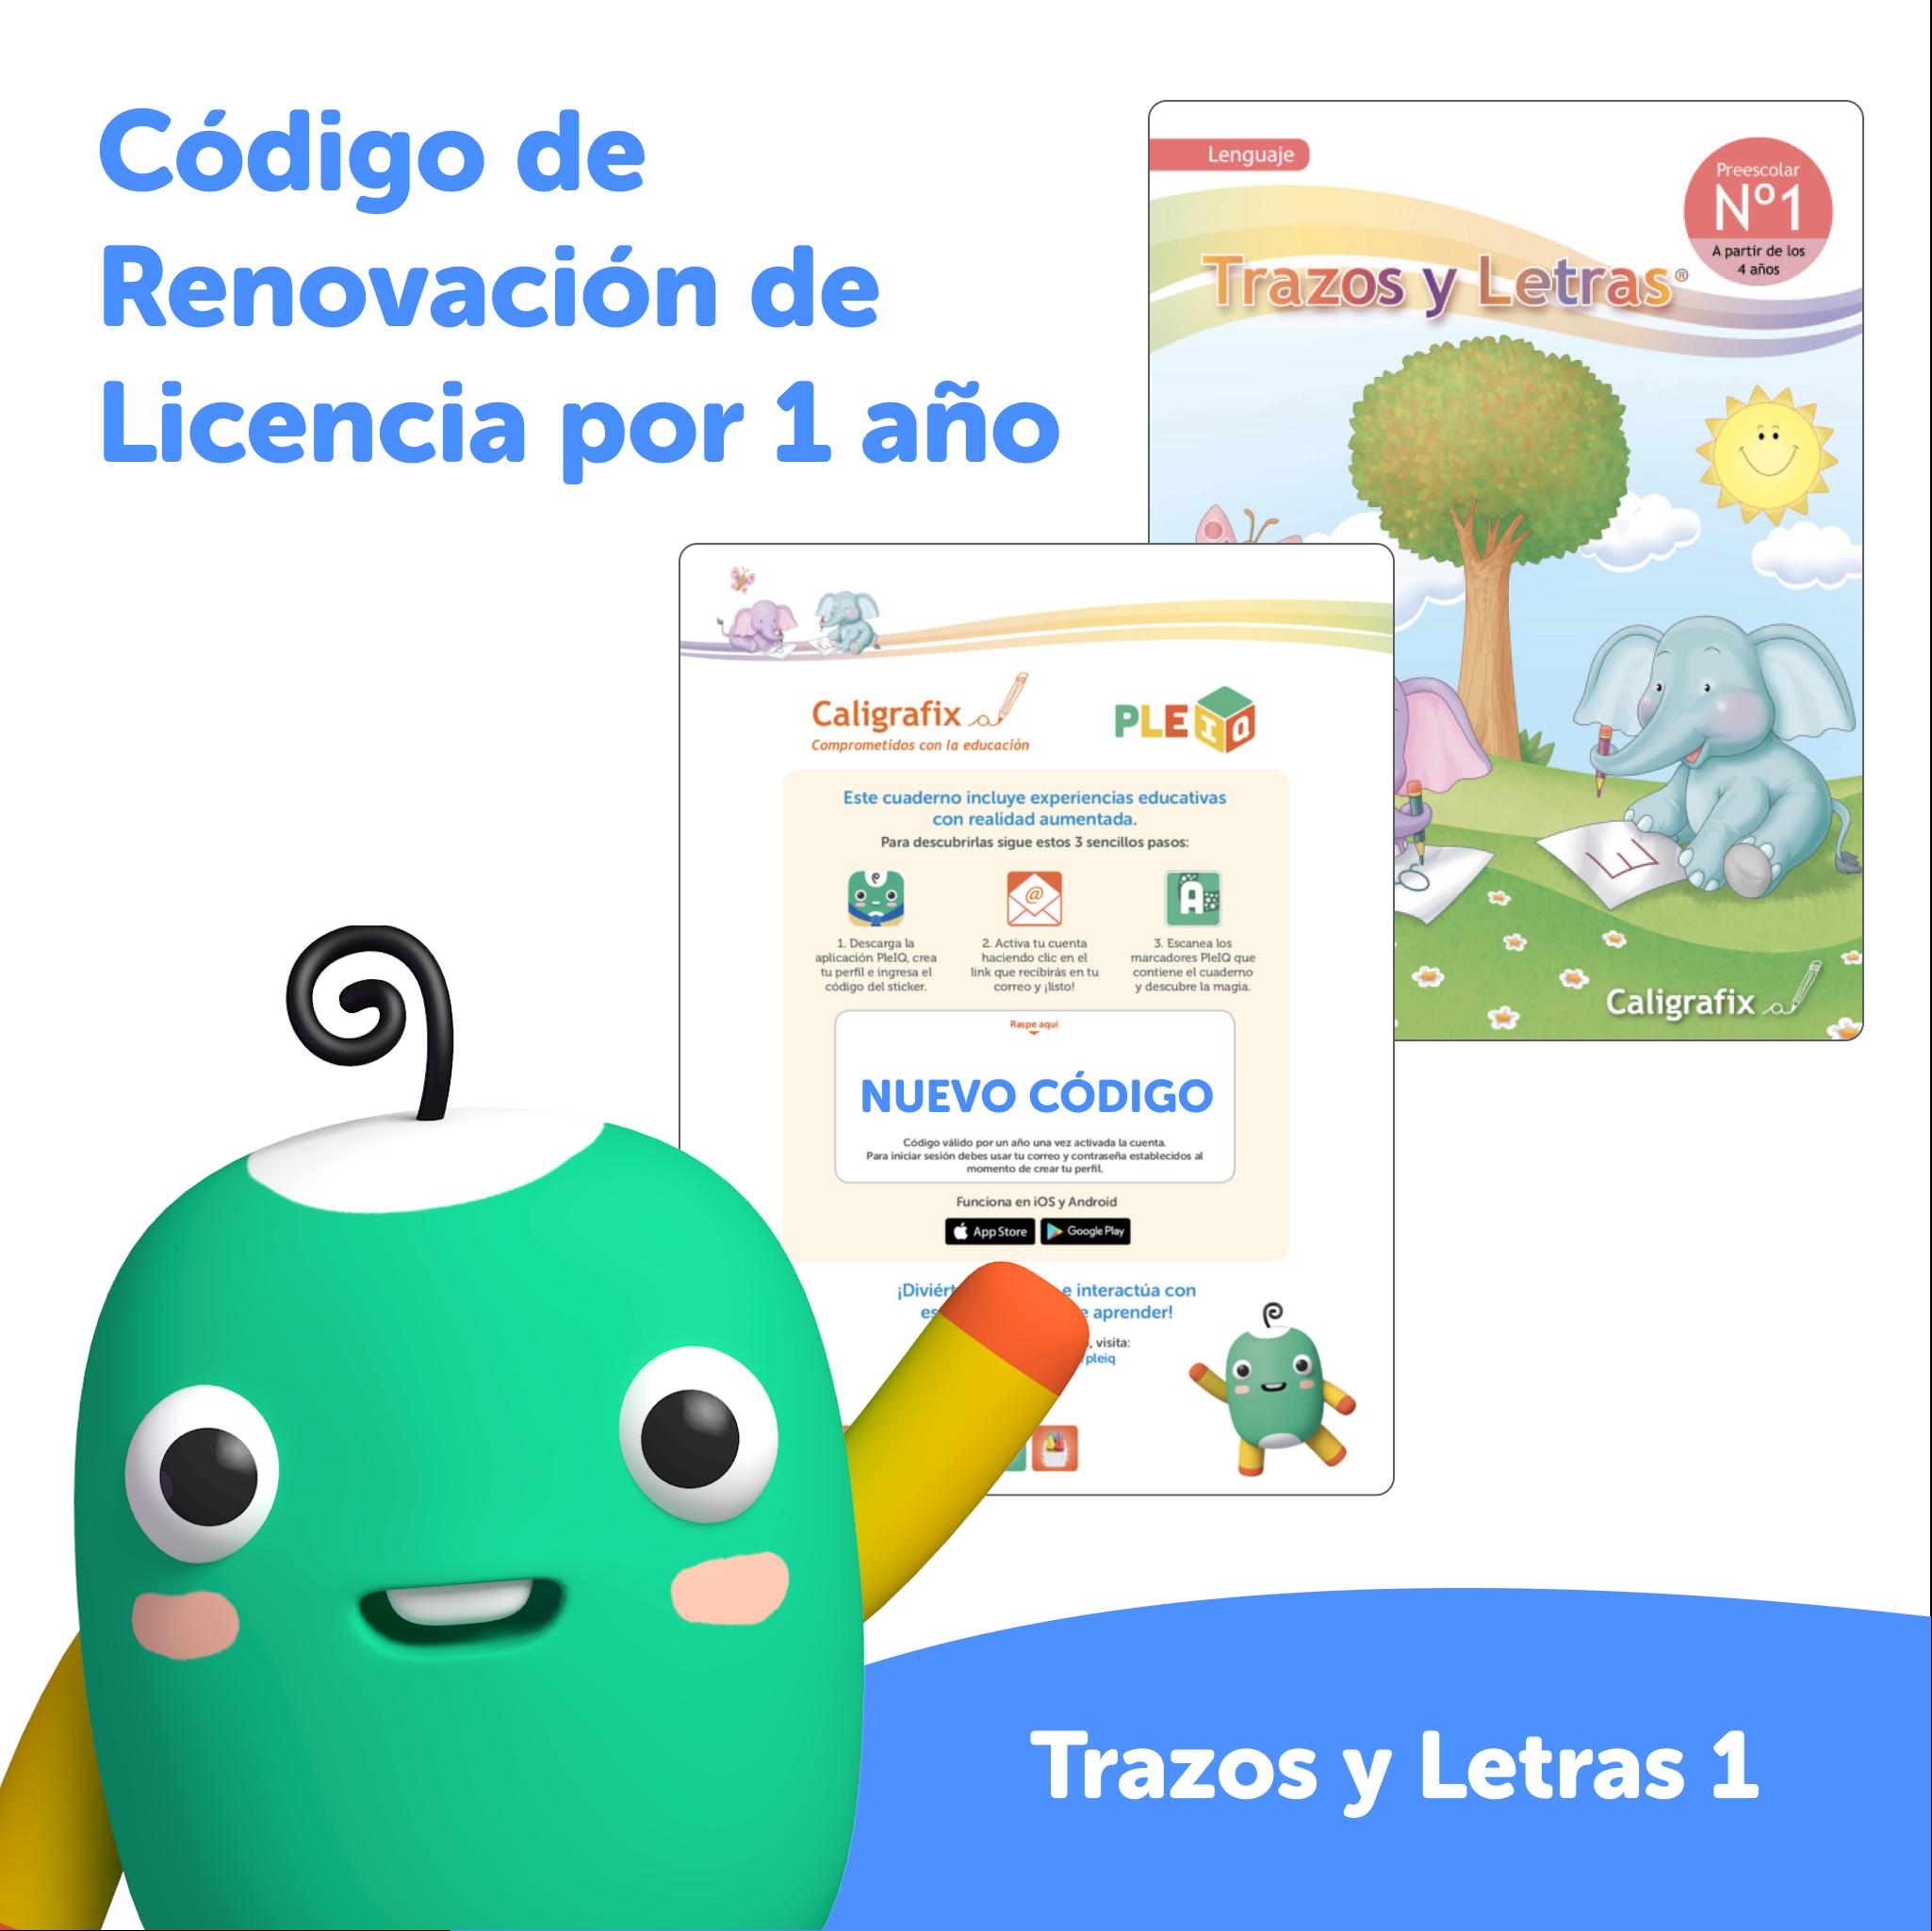 Código de renovación - Licencia Trazos y Letras 1